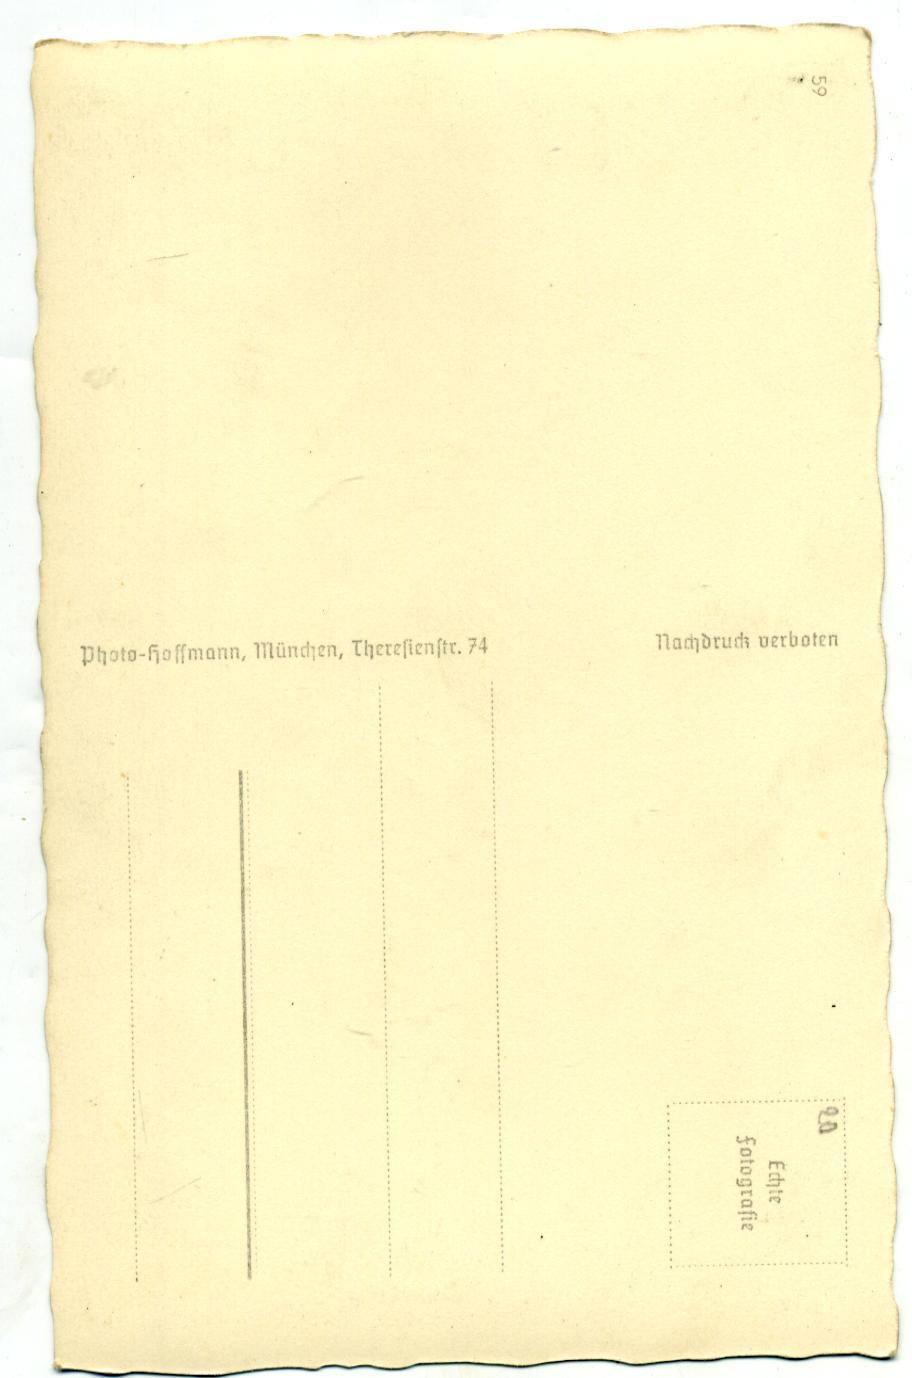 Carte postale dédicacée par on-sait-qui 180410061047305868